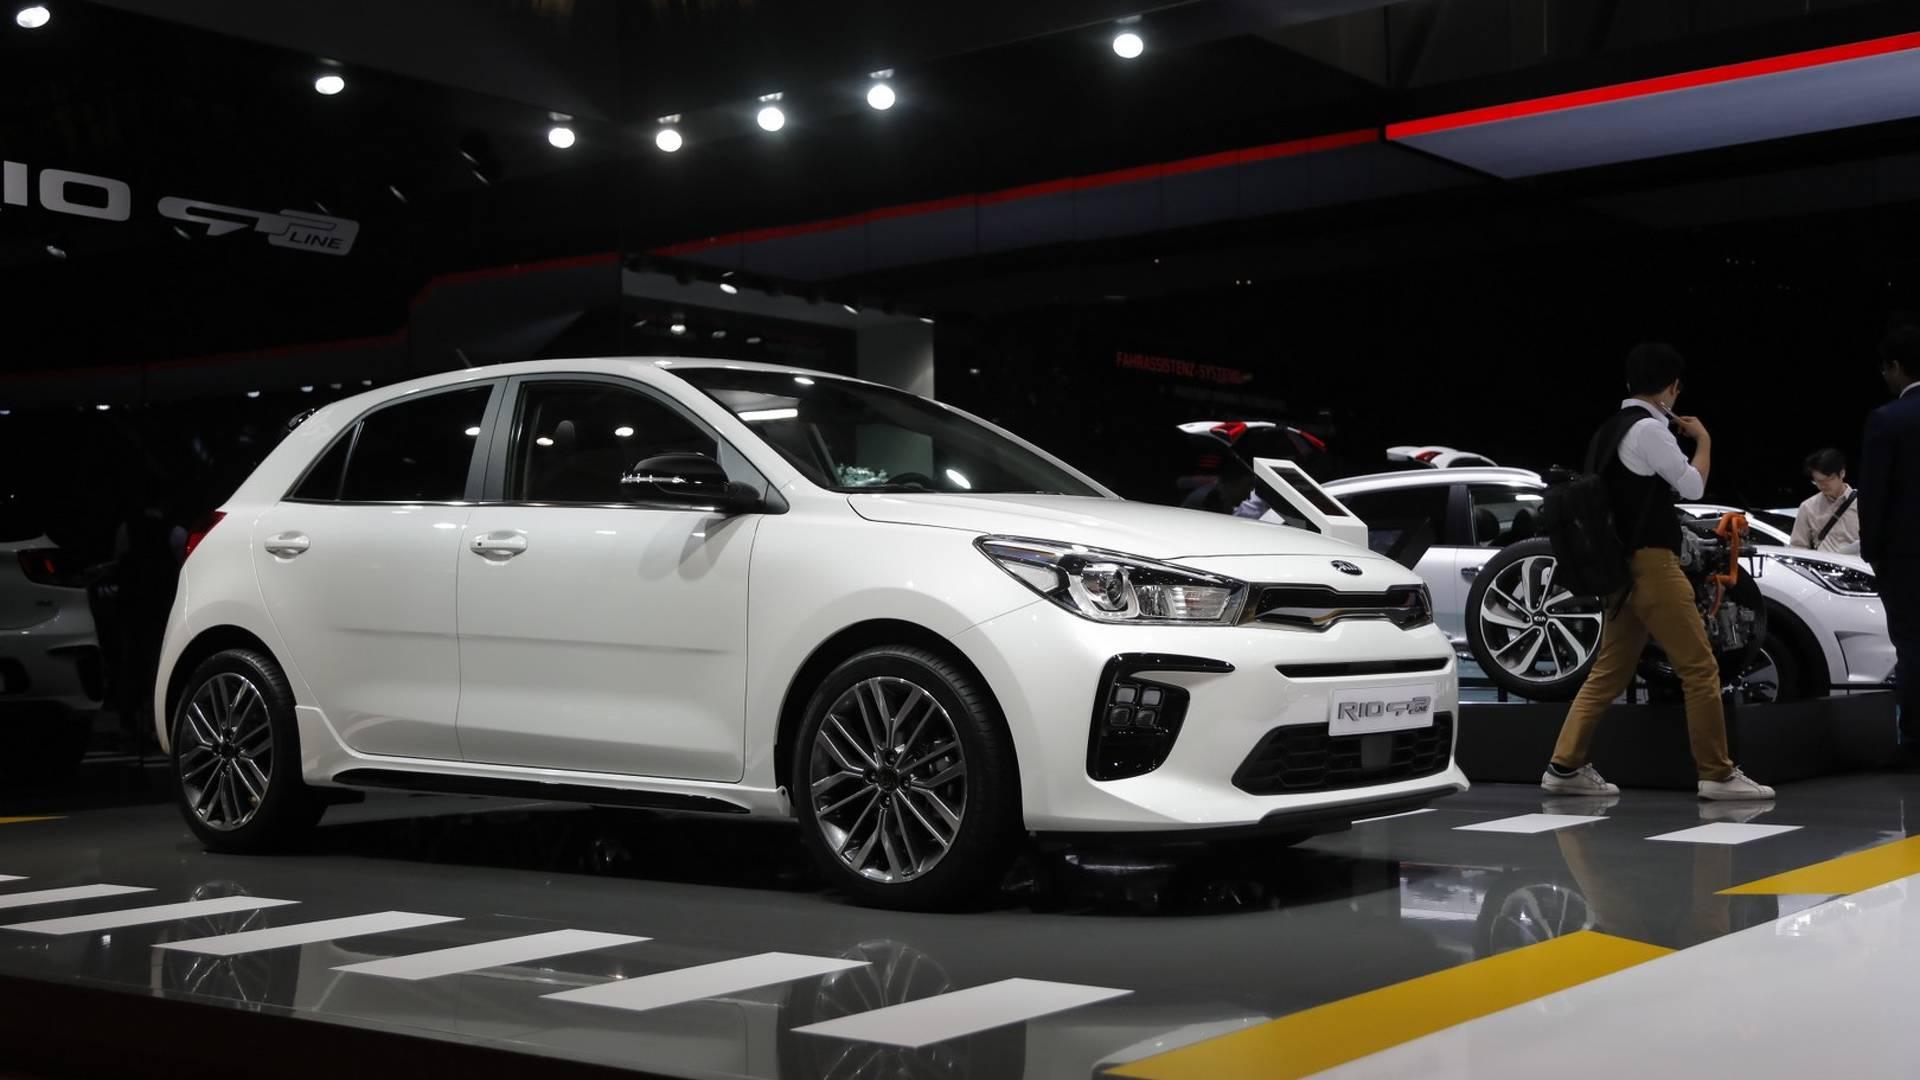 Kia Rio Gt Line At The 2018 Geneva Motor Show Motor1 Com Photos